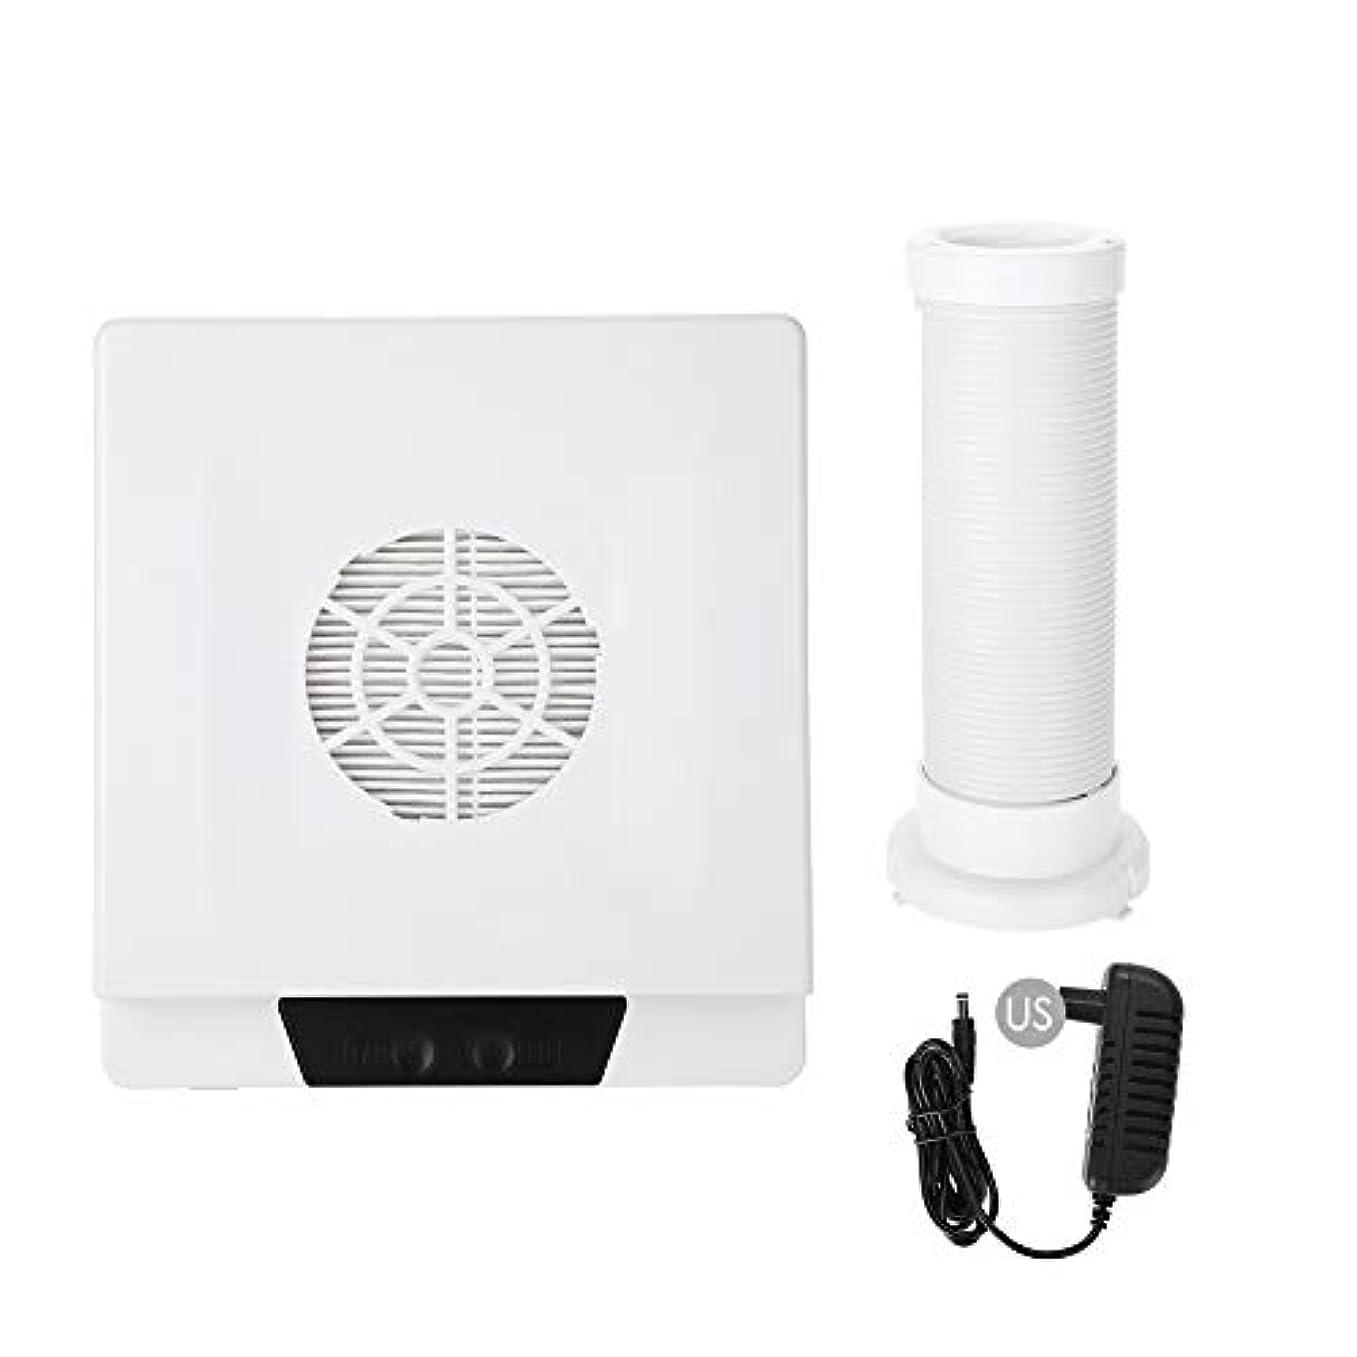 工業用好意支配的TOPINCN 60W 強い力 ネイルアートダストサクション ネイルアート集塵機 マニキュア掃除機 ネイルダストクリーナー(02)